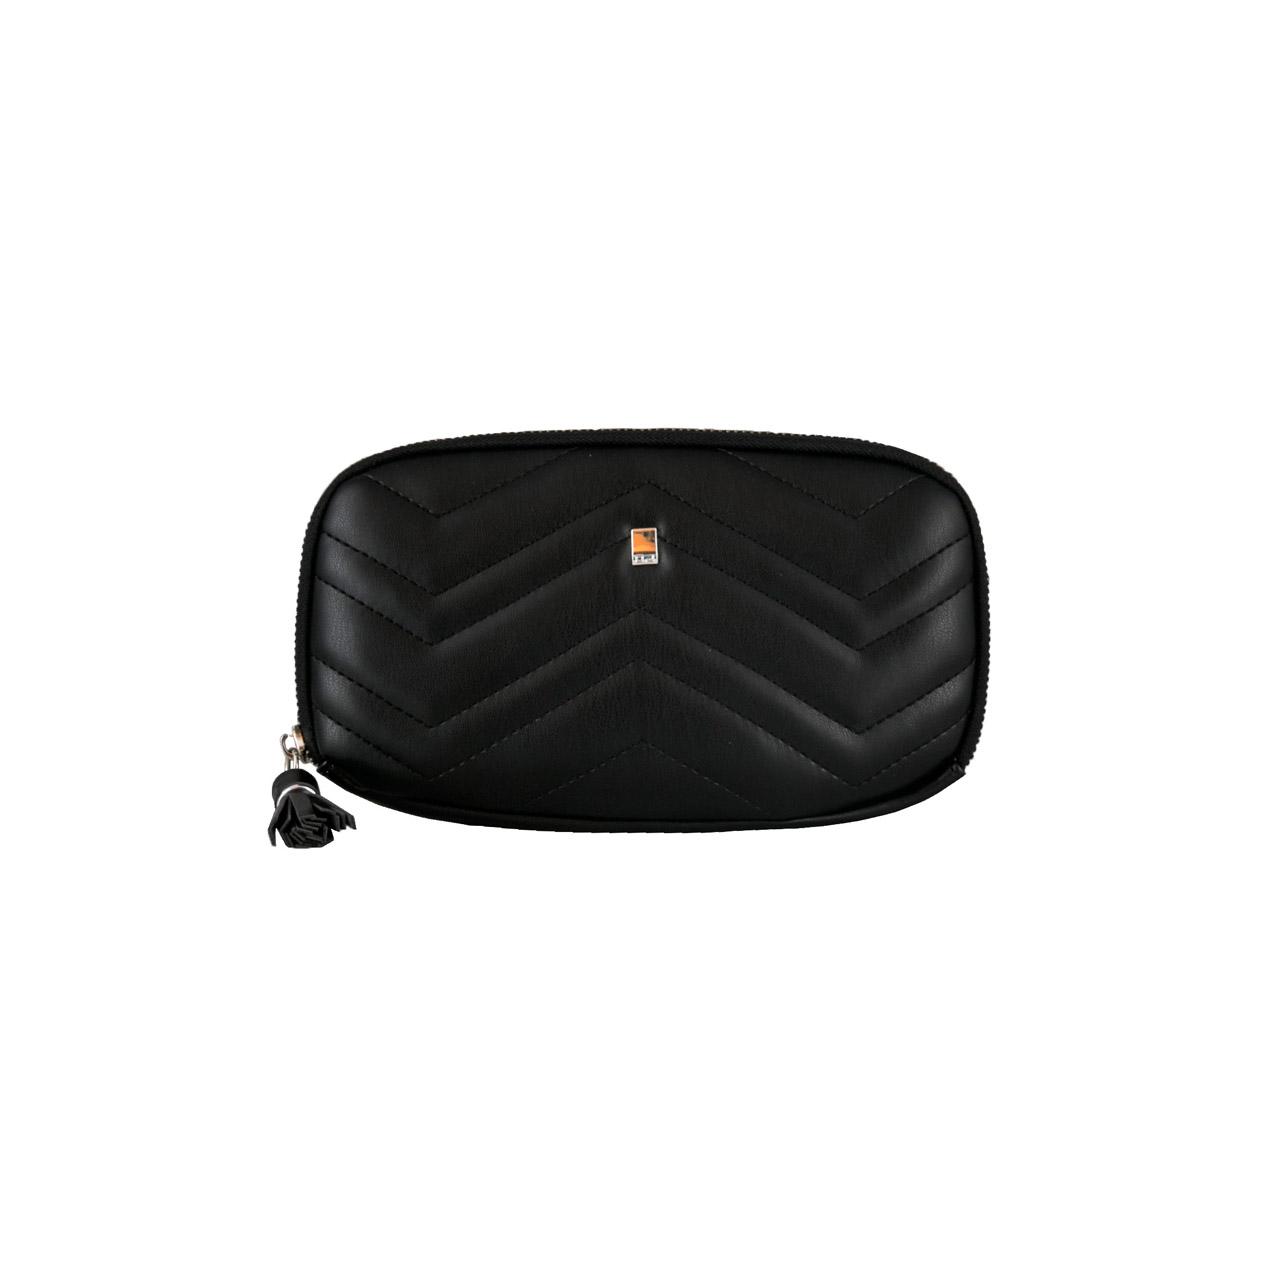 قیمت کیف دستی زنانه دیوید جونز مدل p072